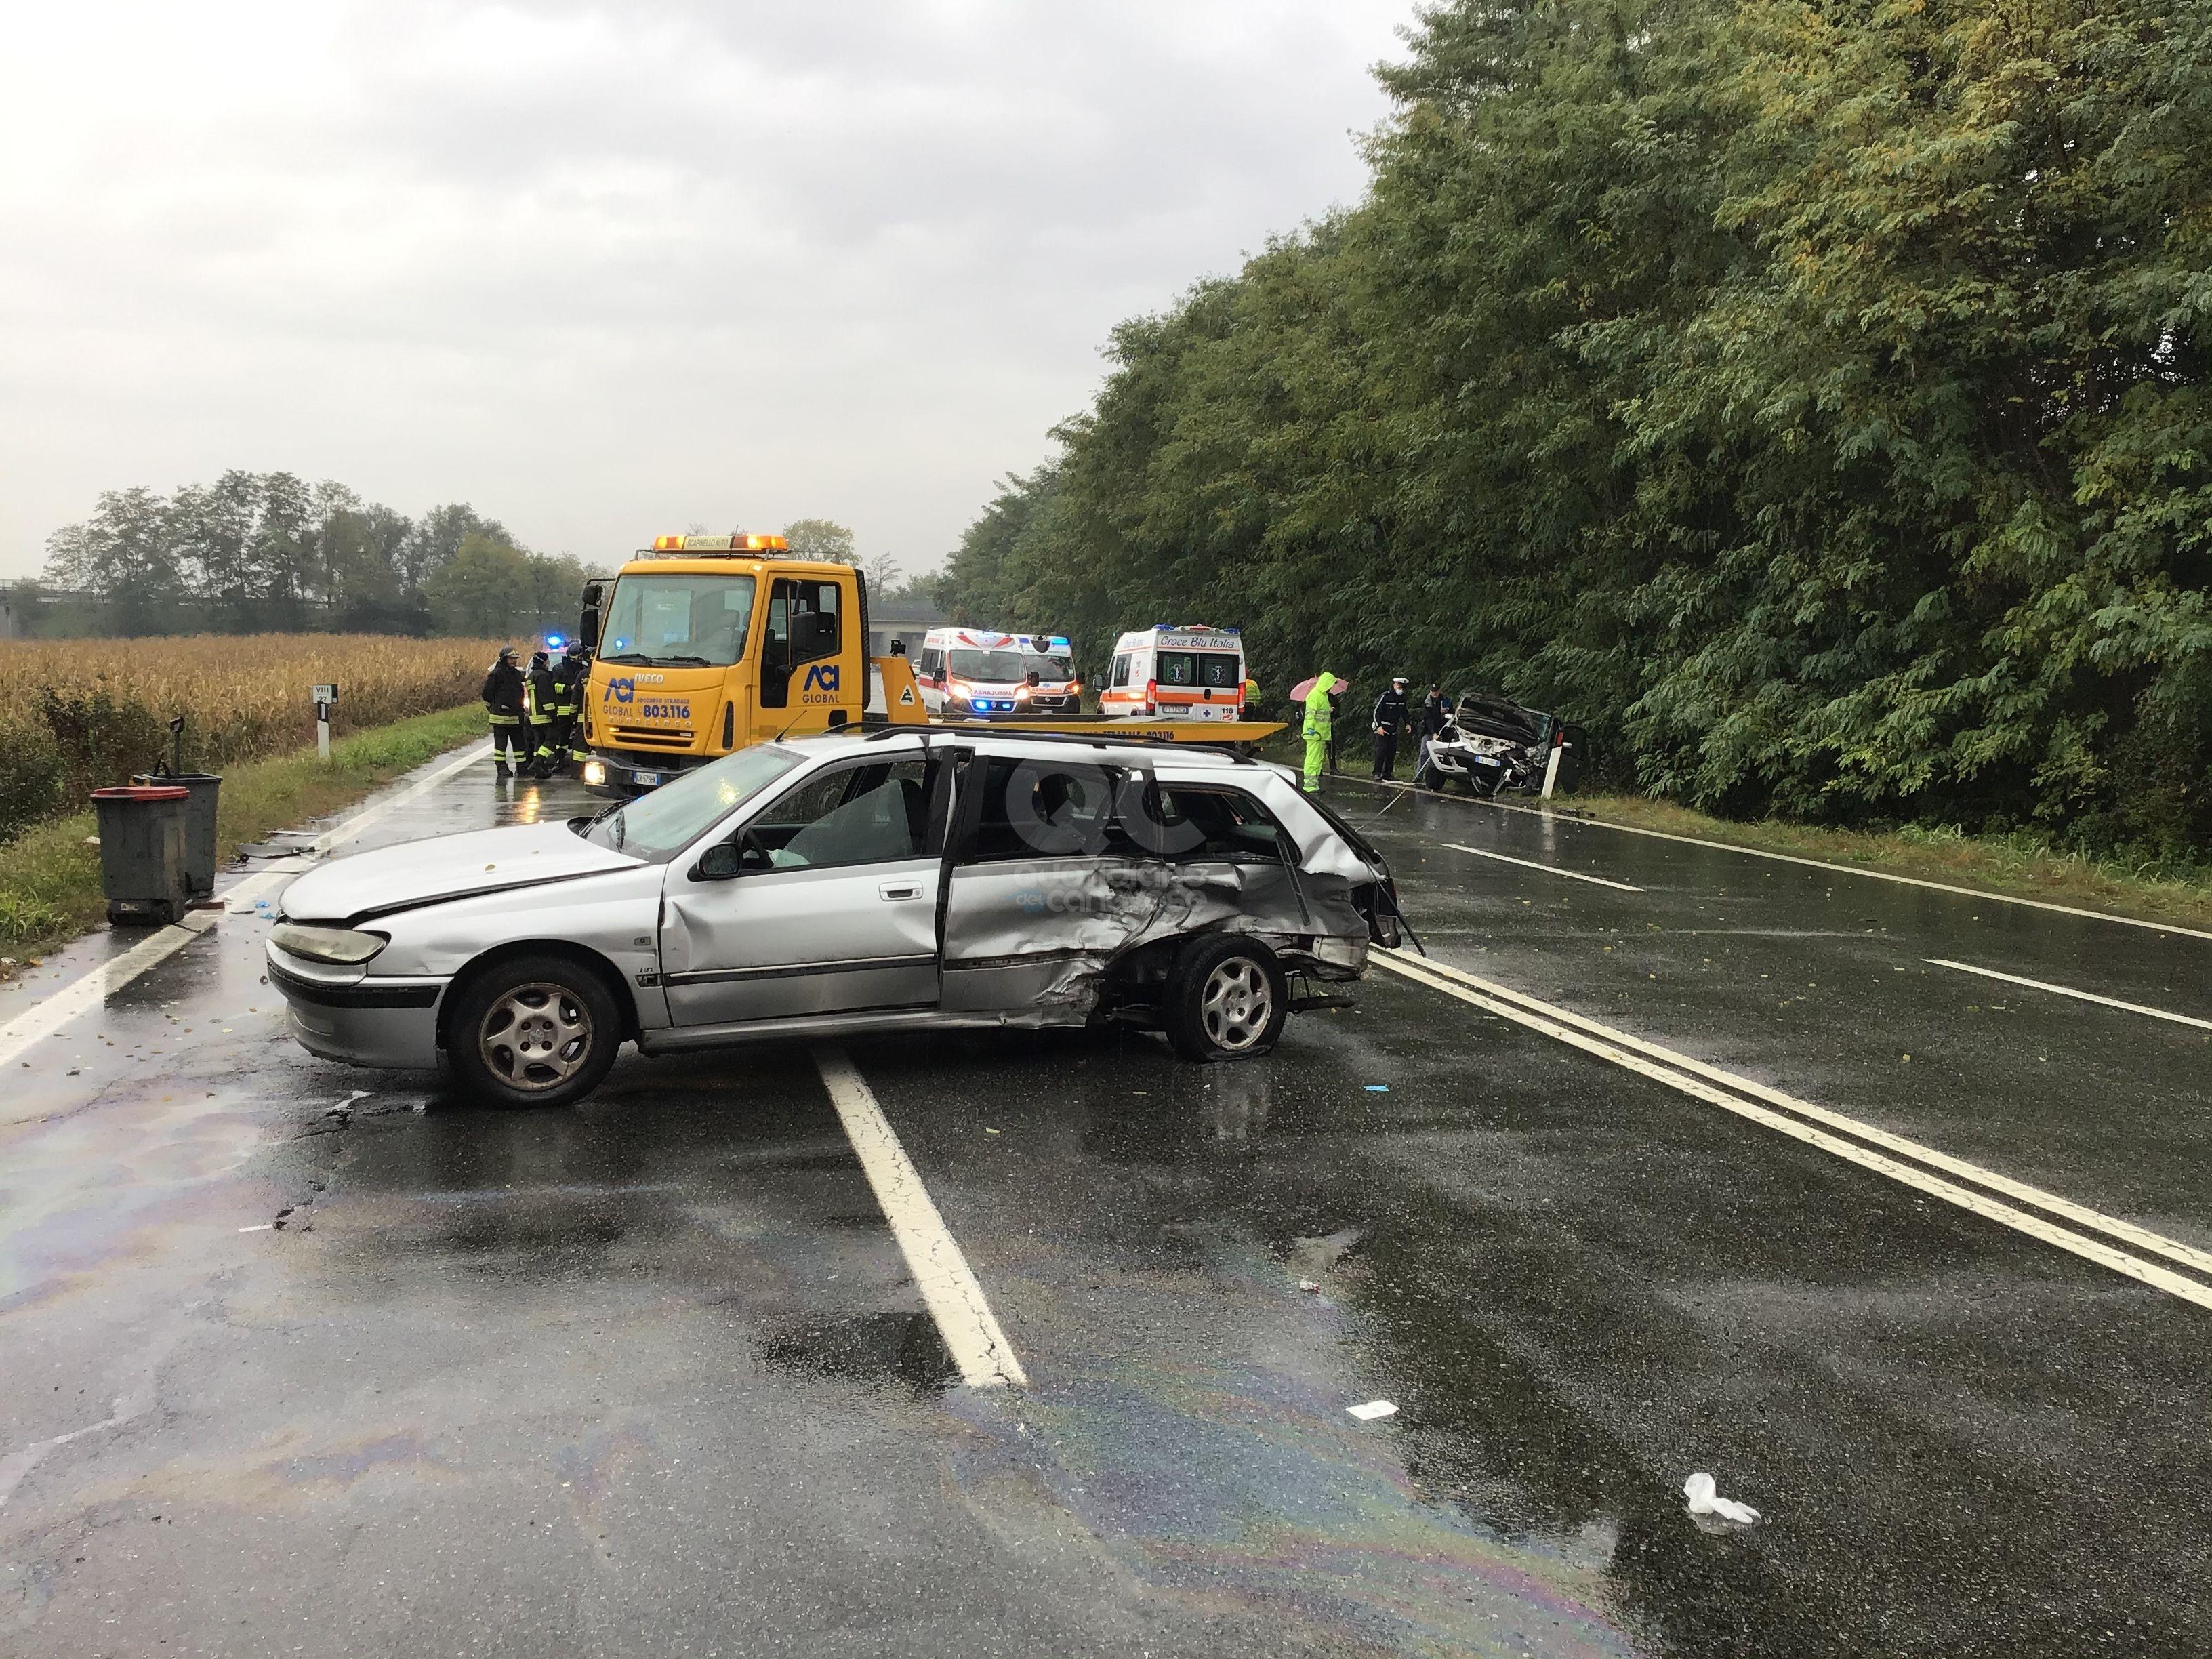 IVREA - Brutto incidente stradale sulla statale 26: quattro donne ferite. Una al Cto - FOTO E VIDEO